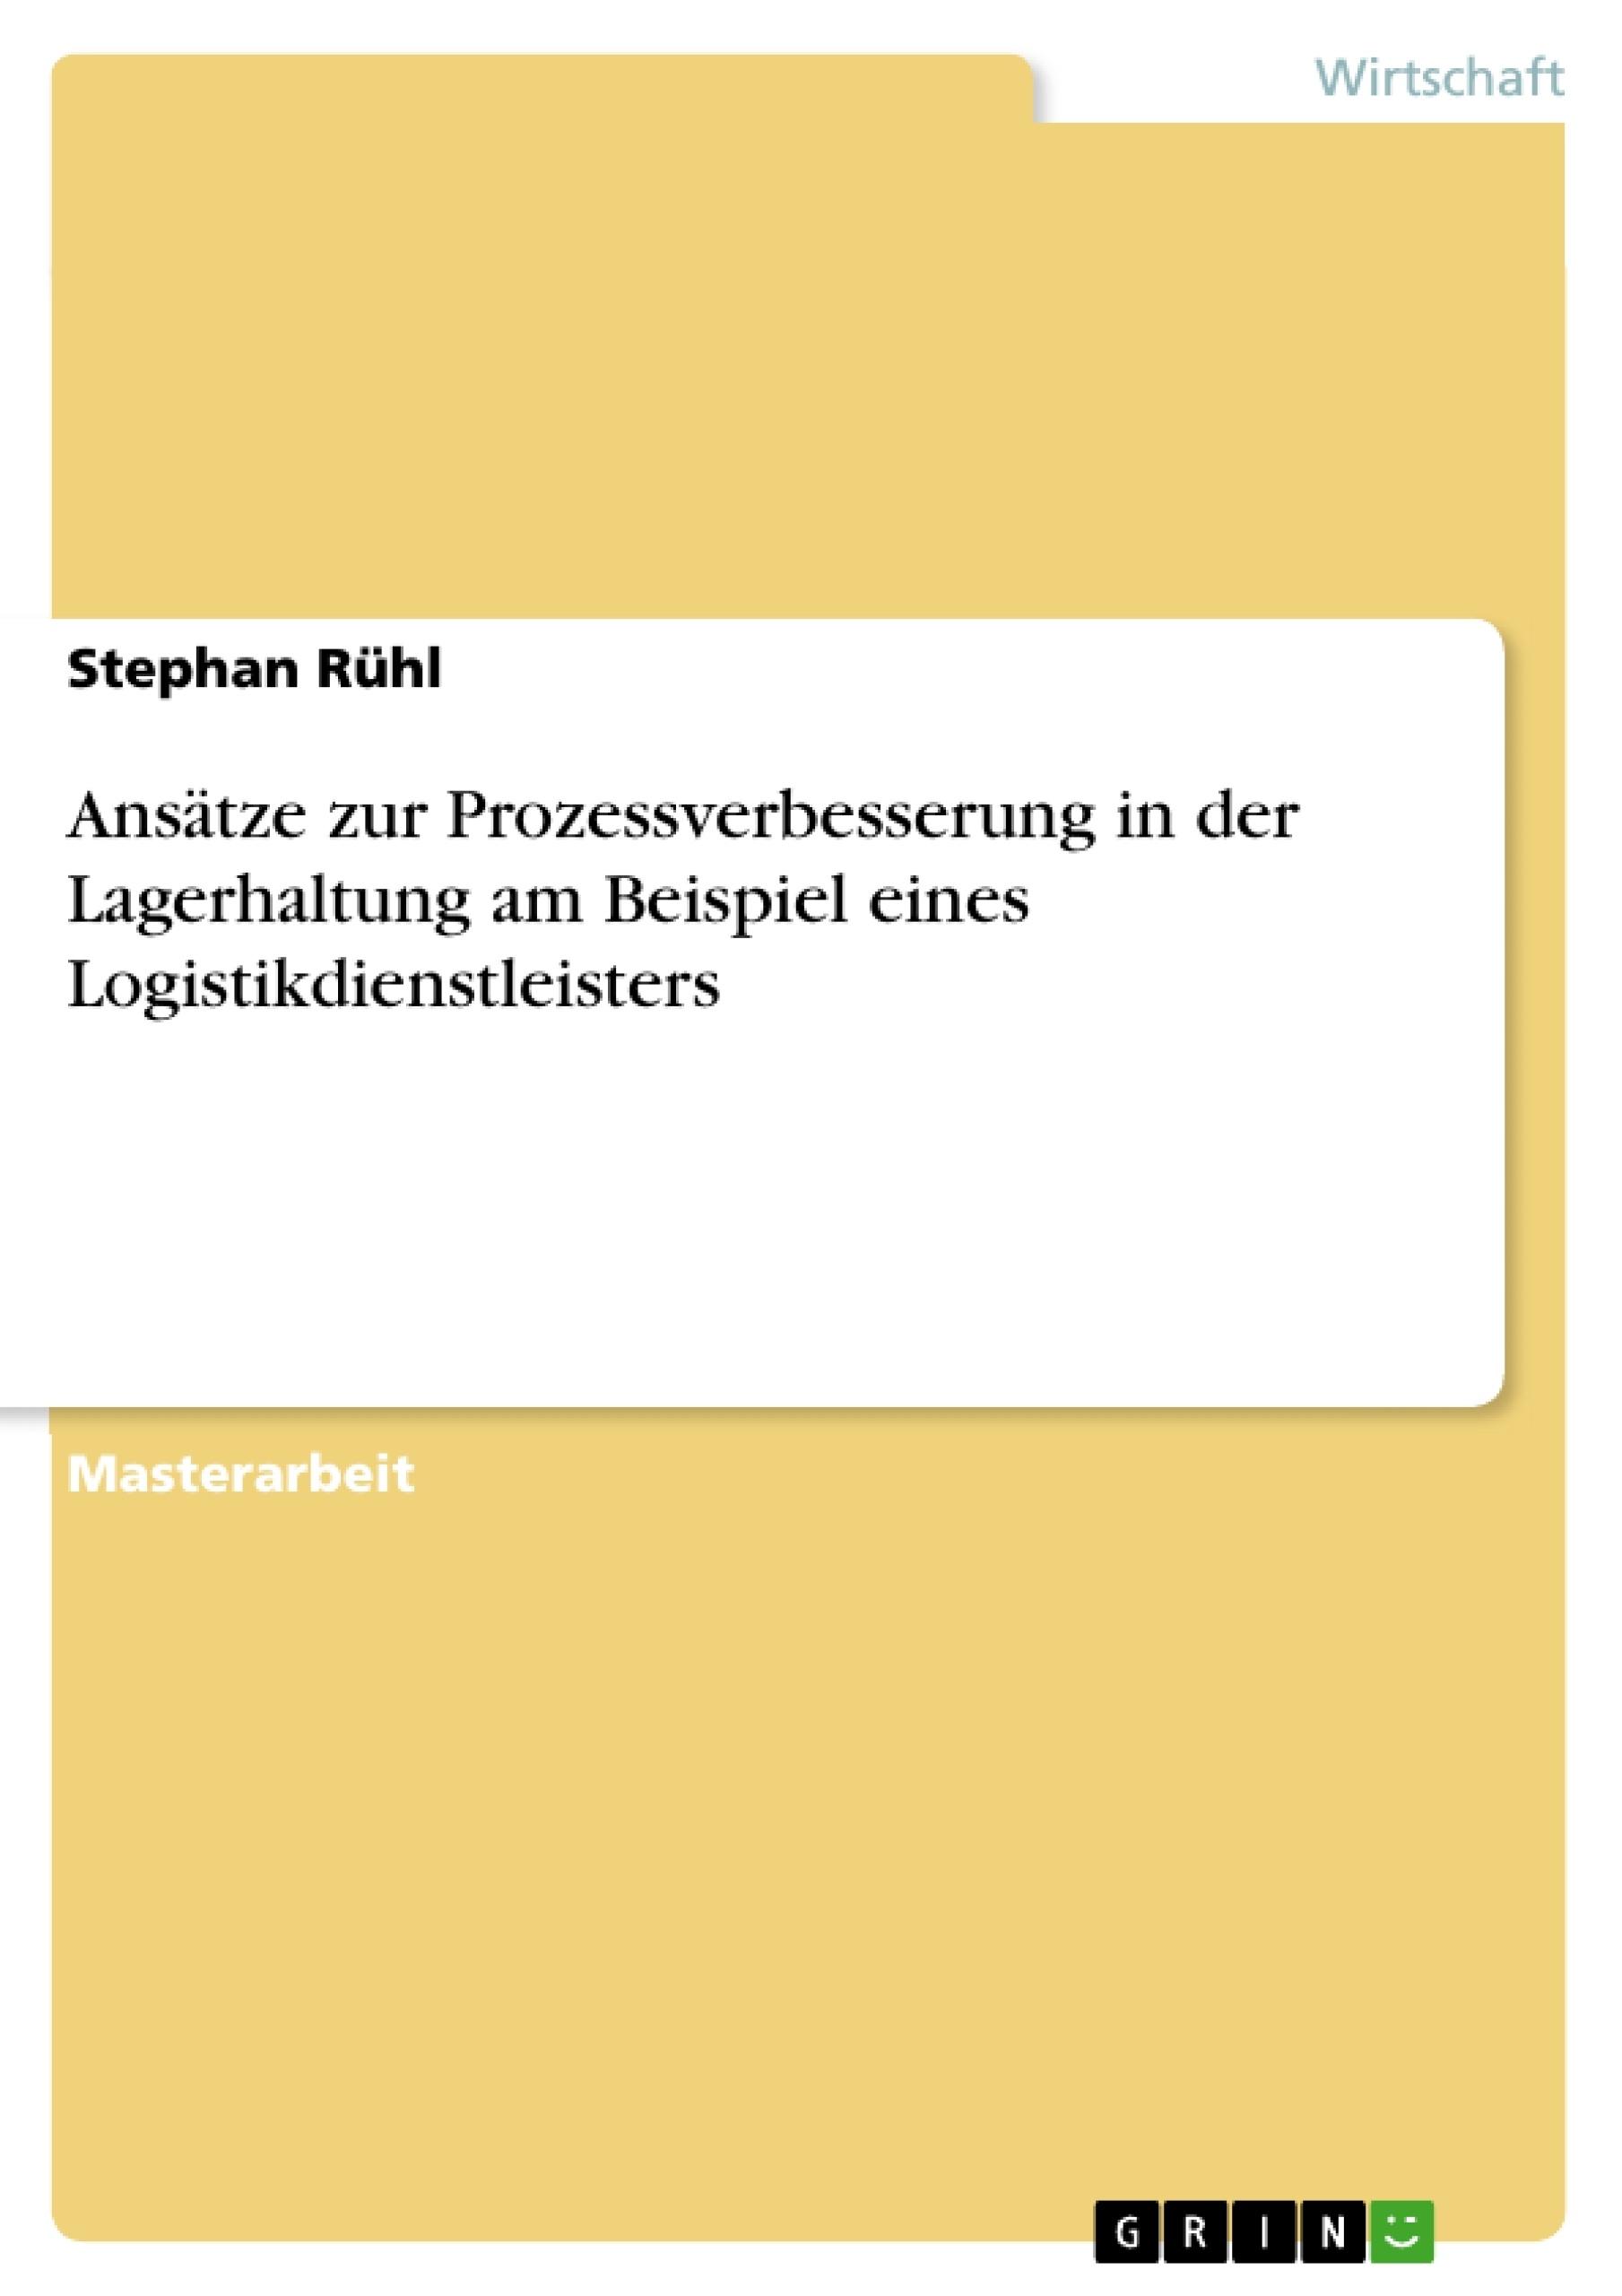 Titel: Ansätze zur Prozessverbesserung in der Lagerhaltung am Beispiel eines Logistikdienstleisters